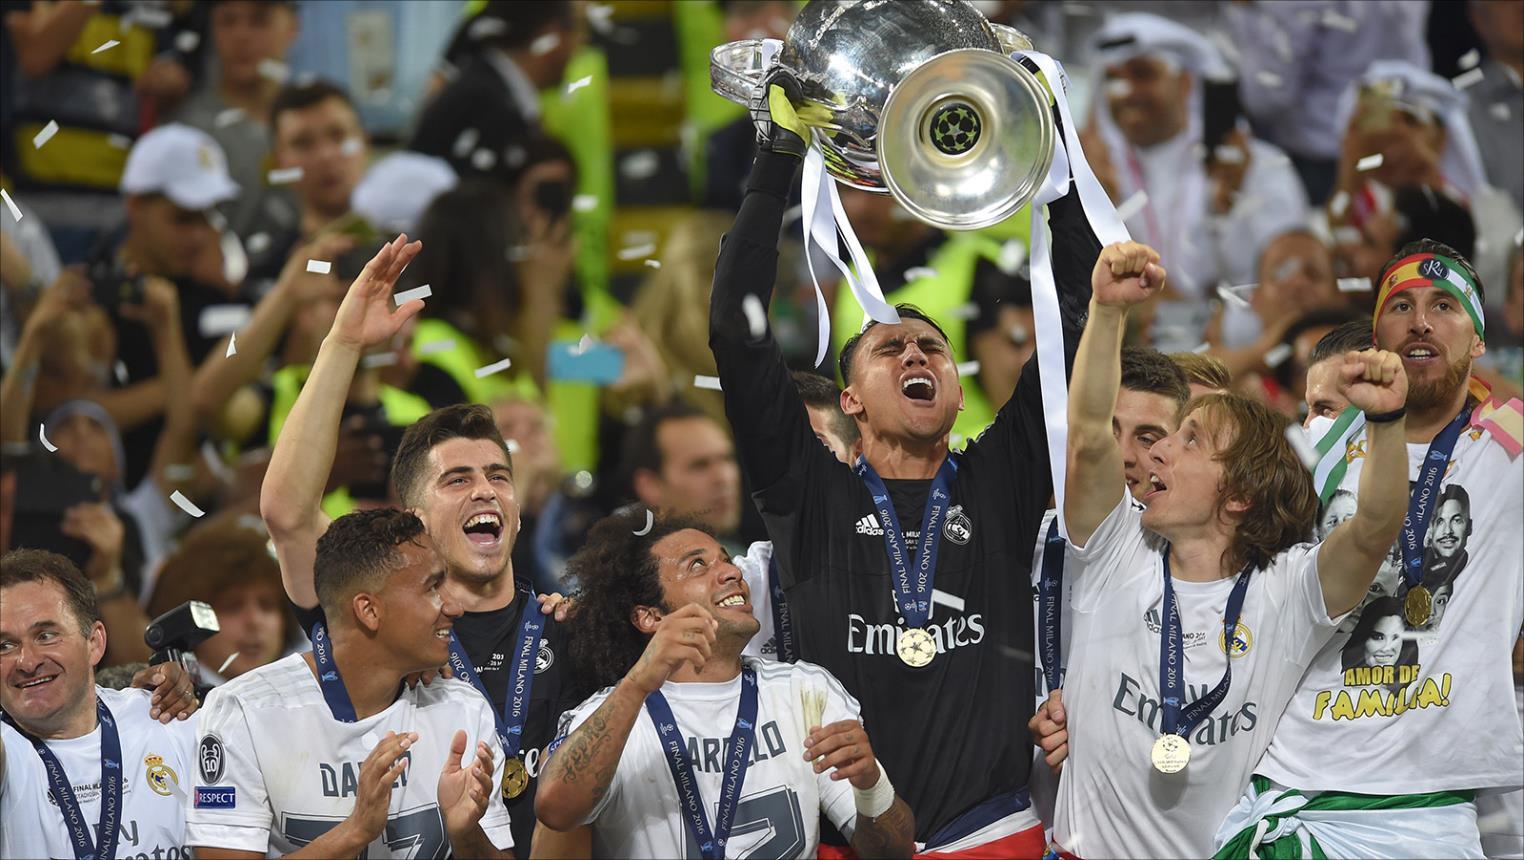 صور ريال مدريد 4 صور ريال مدريد معلومات عن العملاق الاسباني